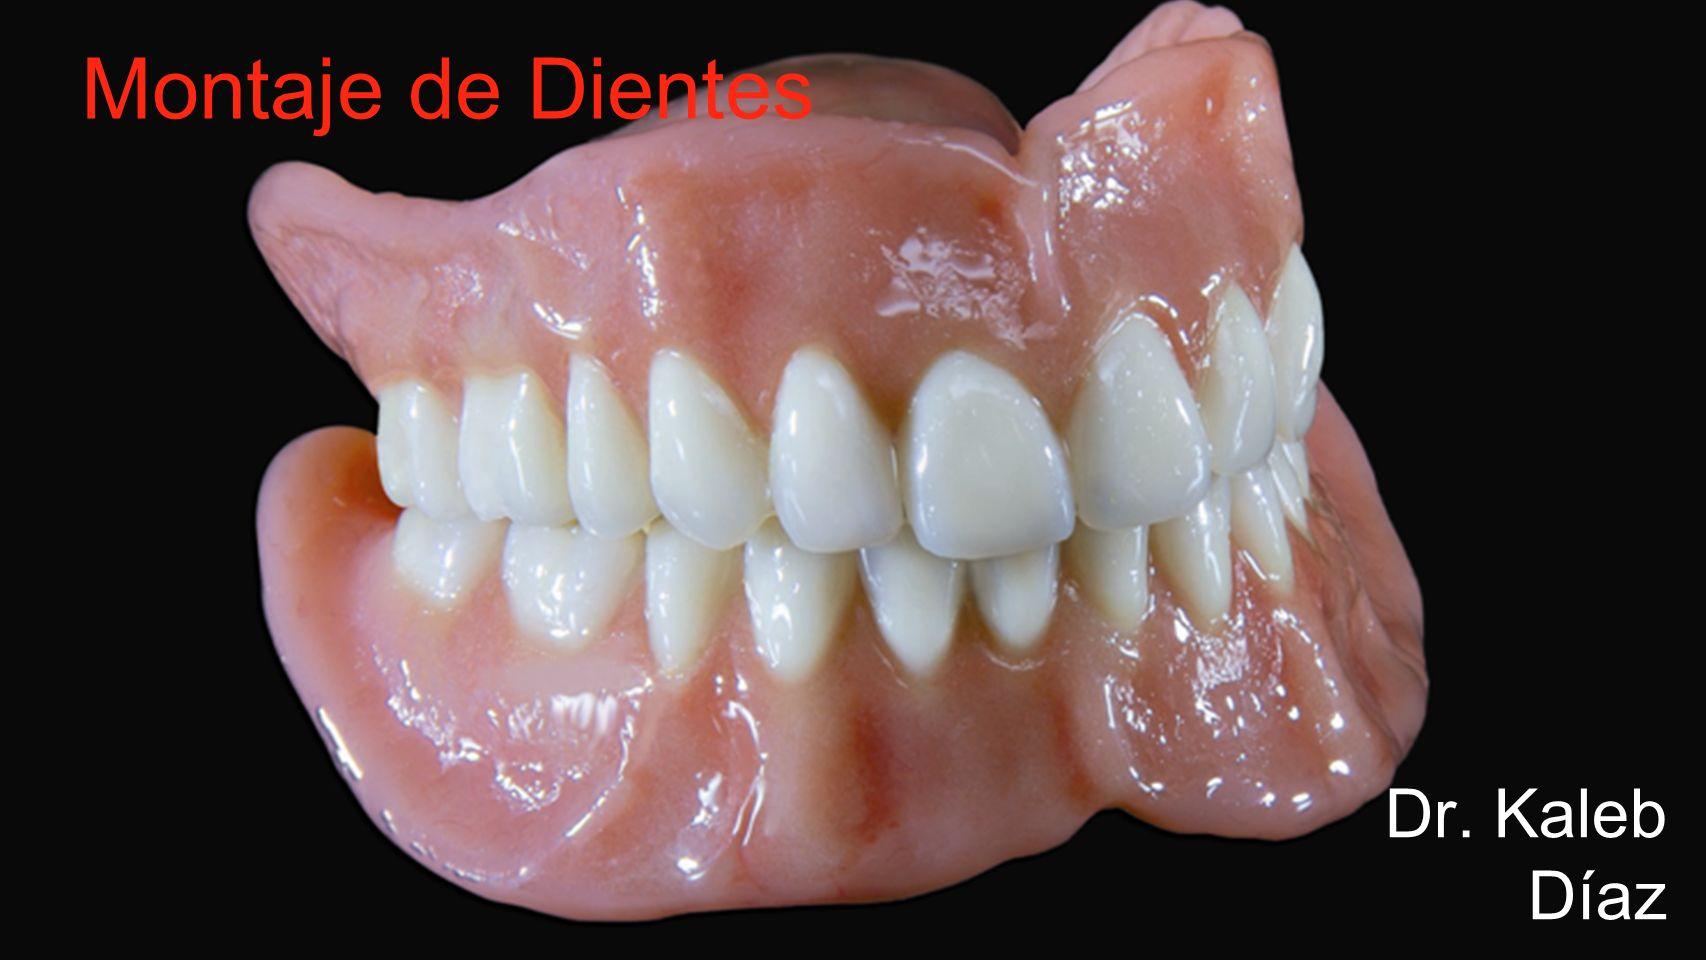 Montaje de Dientes Dr. Kaleb Díaz